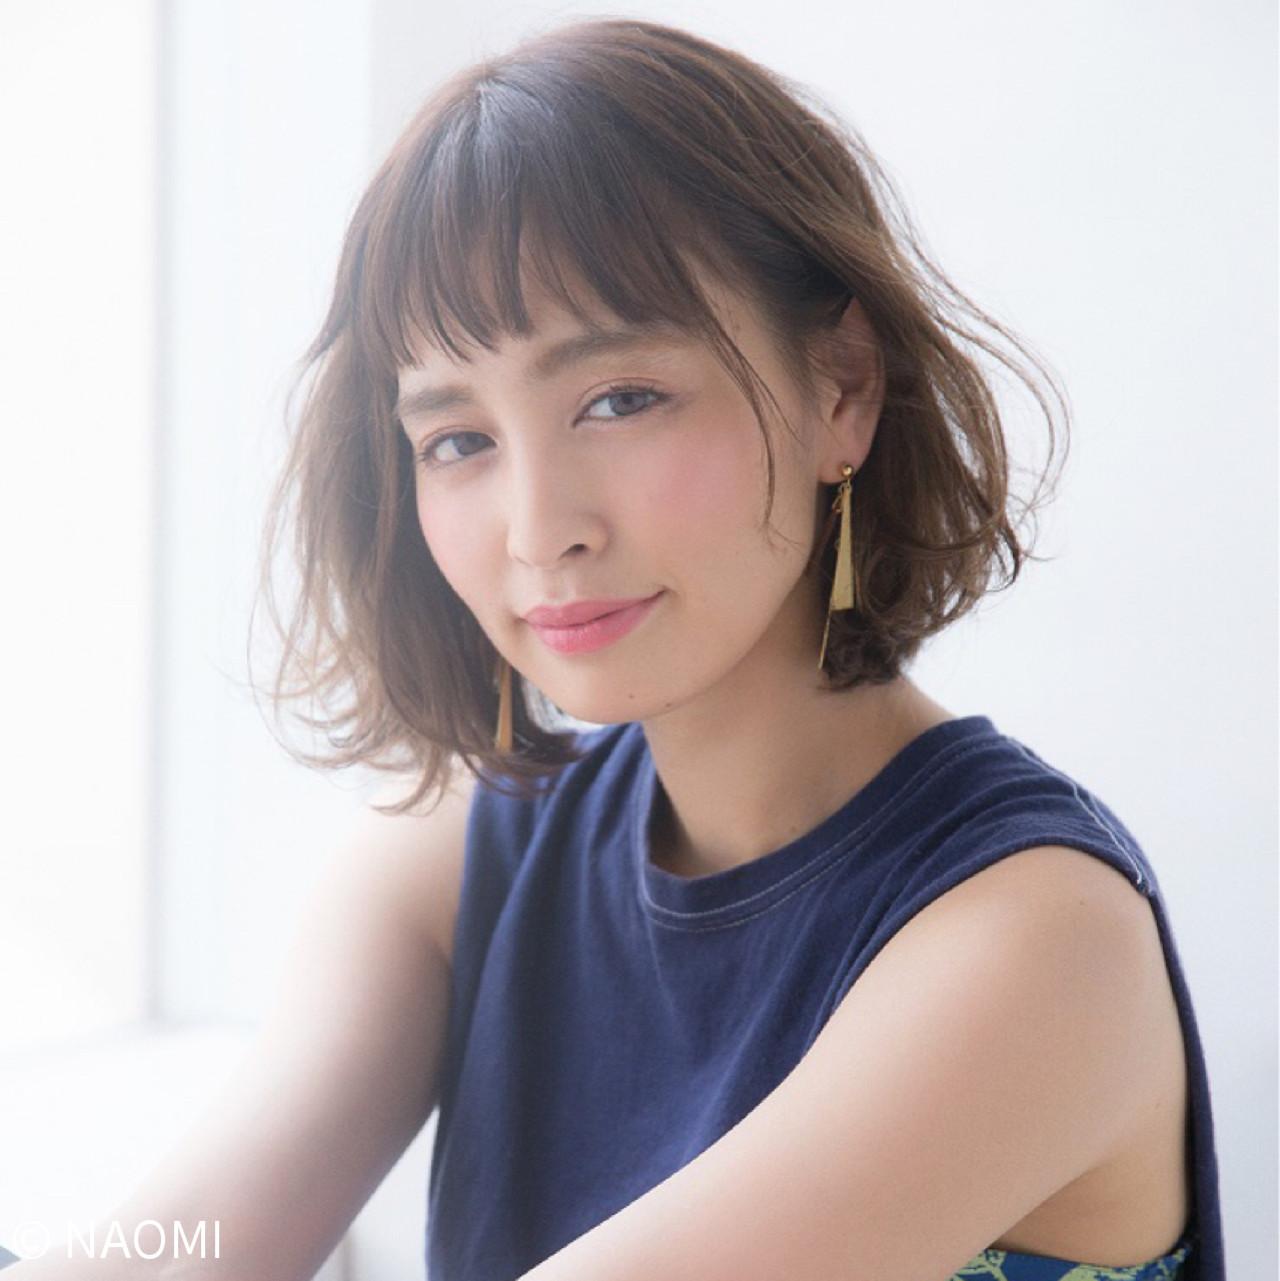 愛され女子のヘアスタイル♡みんなが選んだボブヘアTOP10! NAOMI